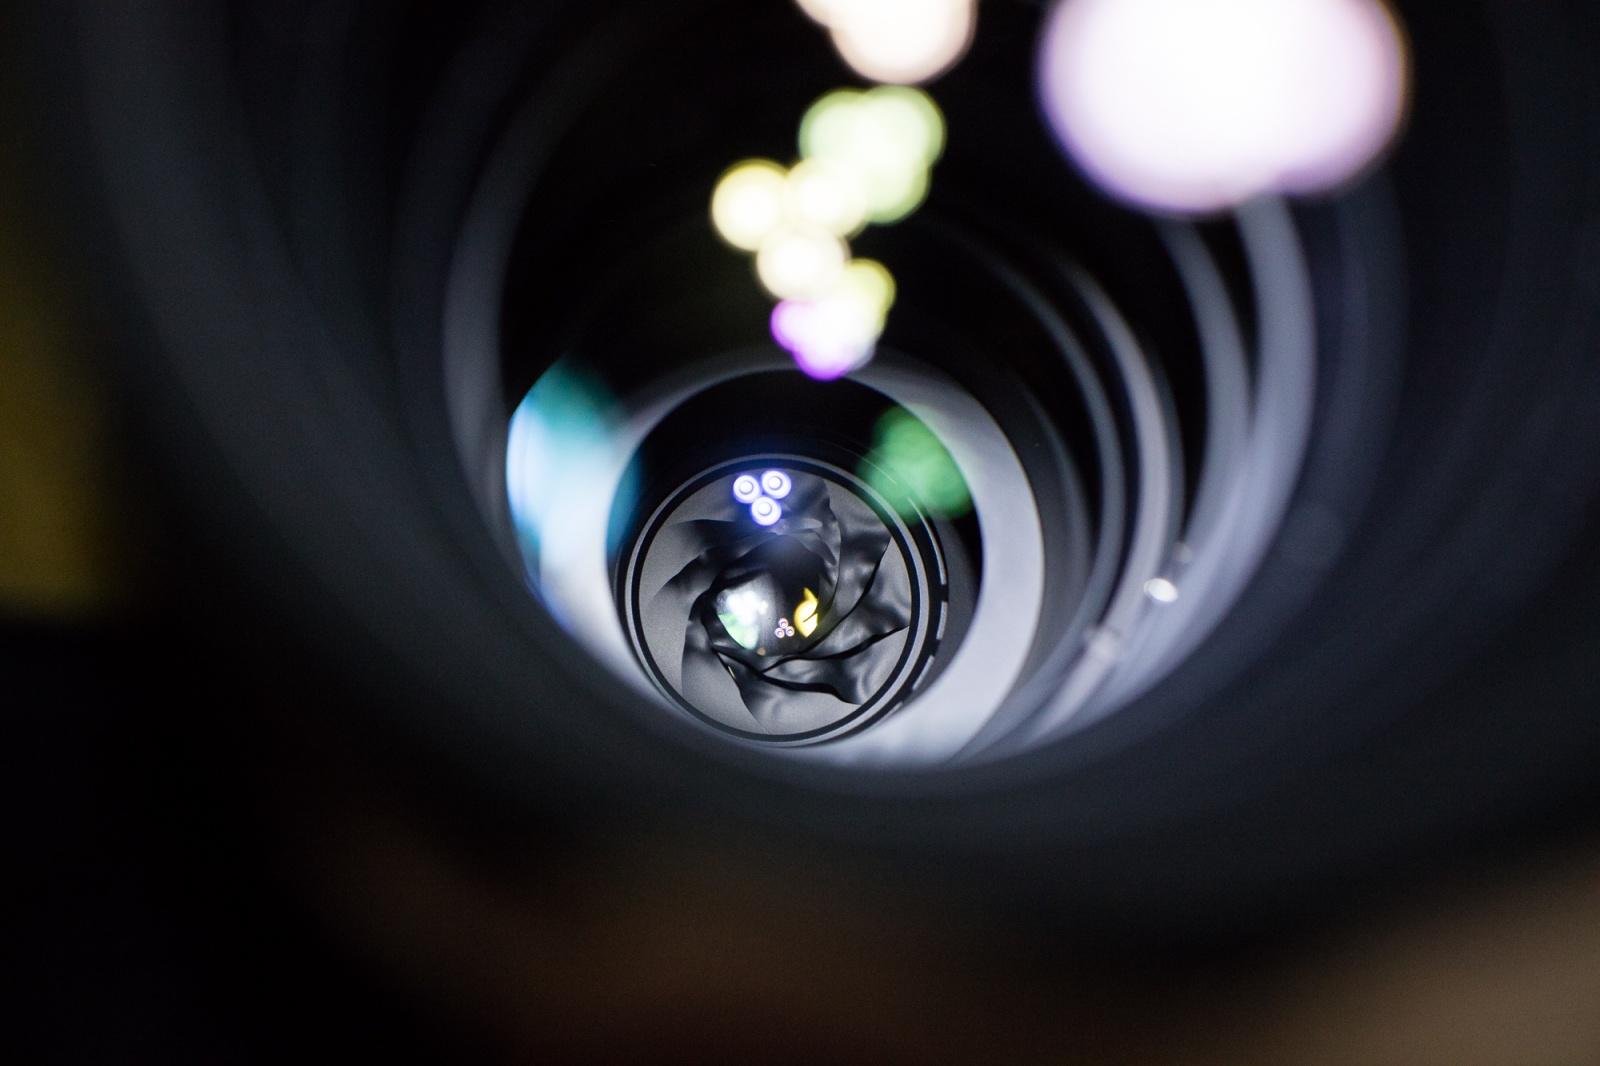 Прокатное фотографическое оборудование, повреждённое солнечным затмением - 9